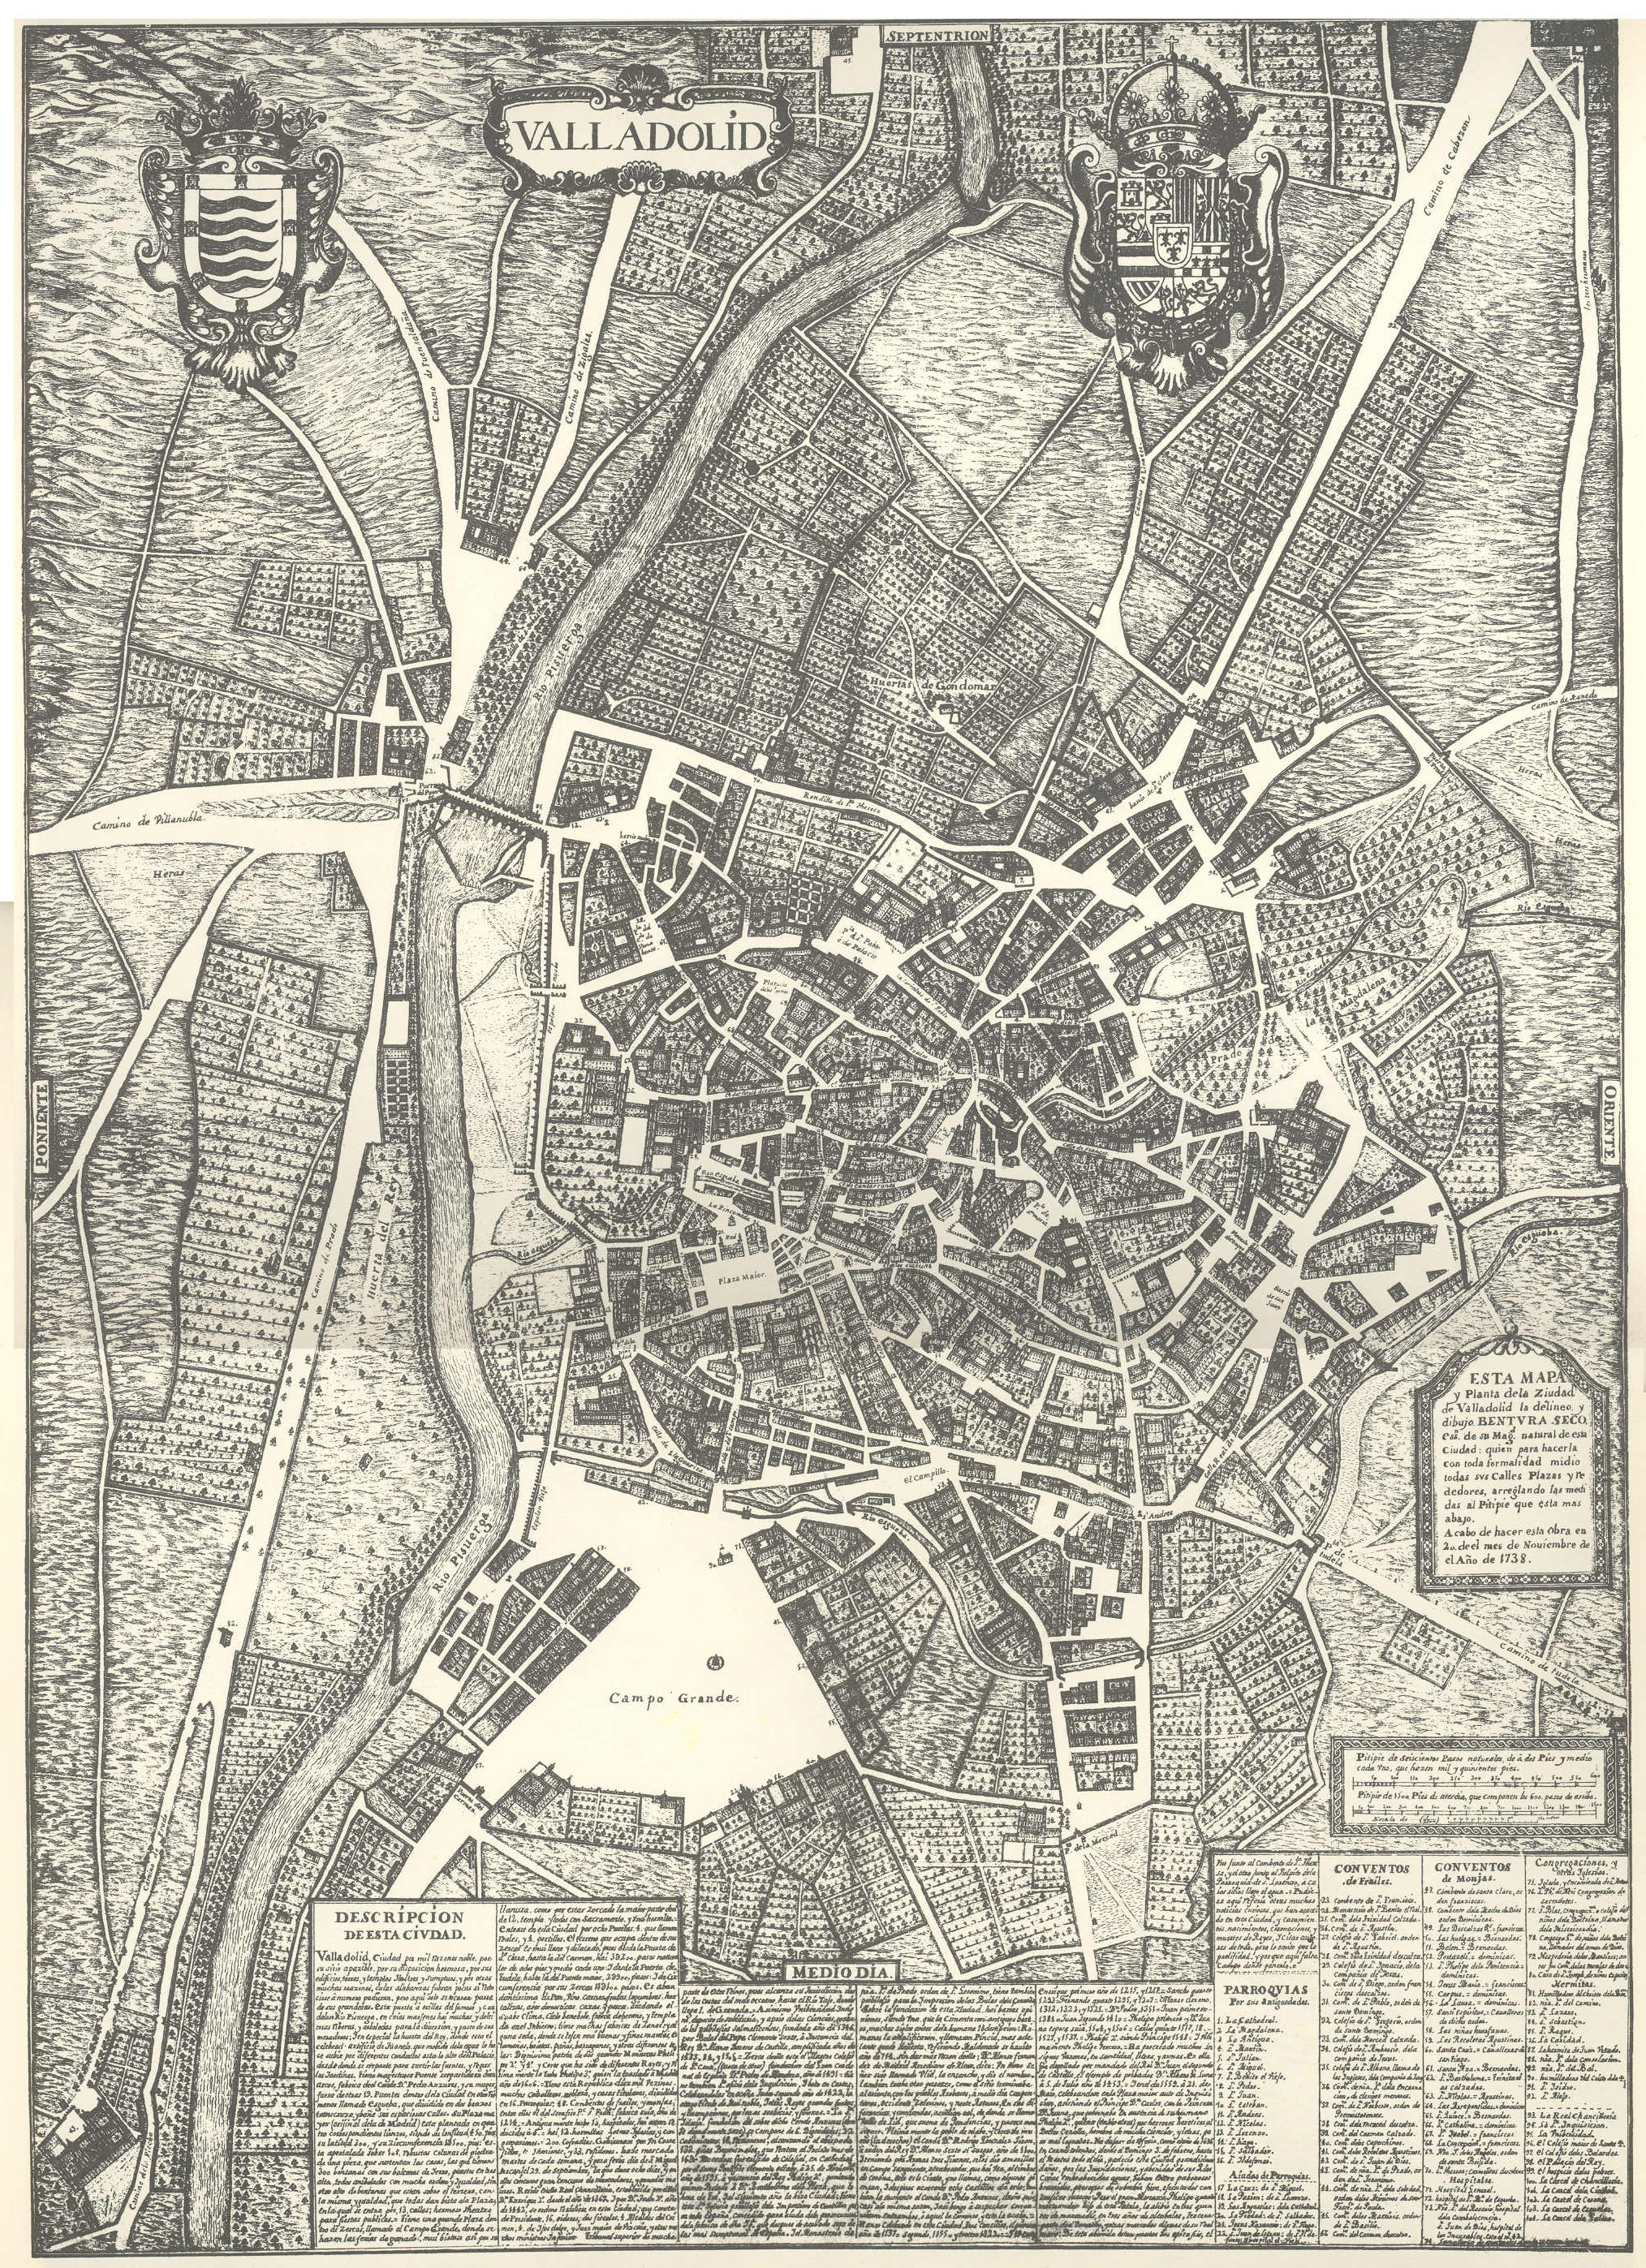 Plano de Valladolid en 1738